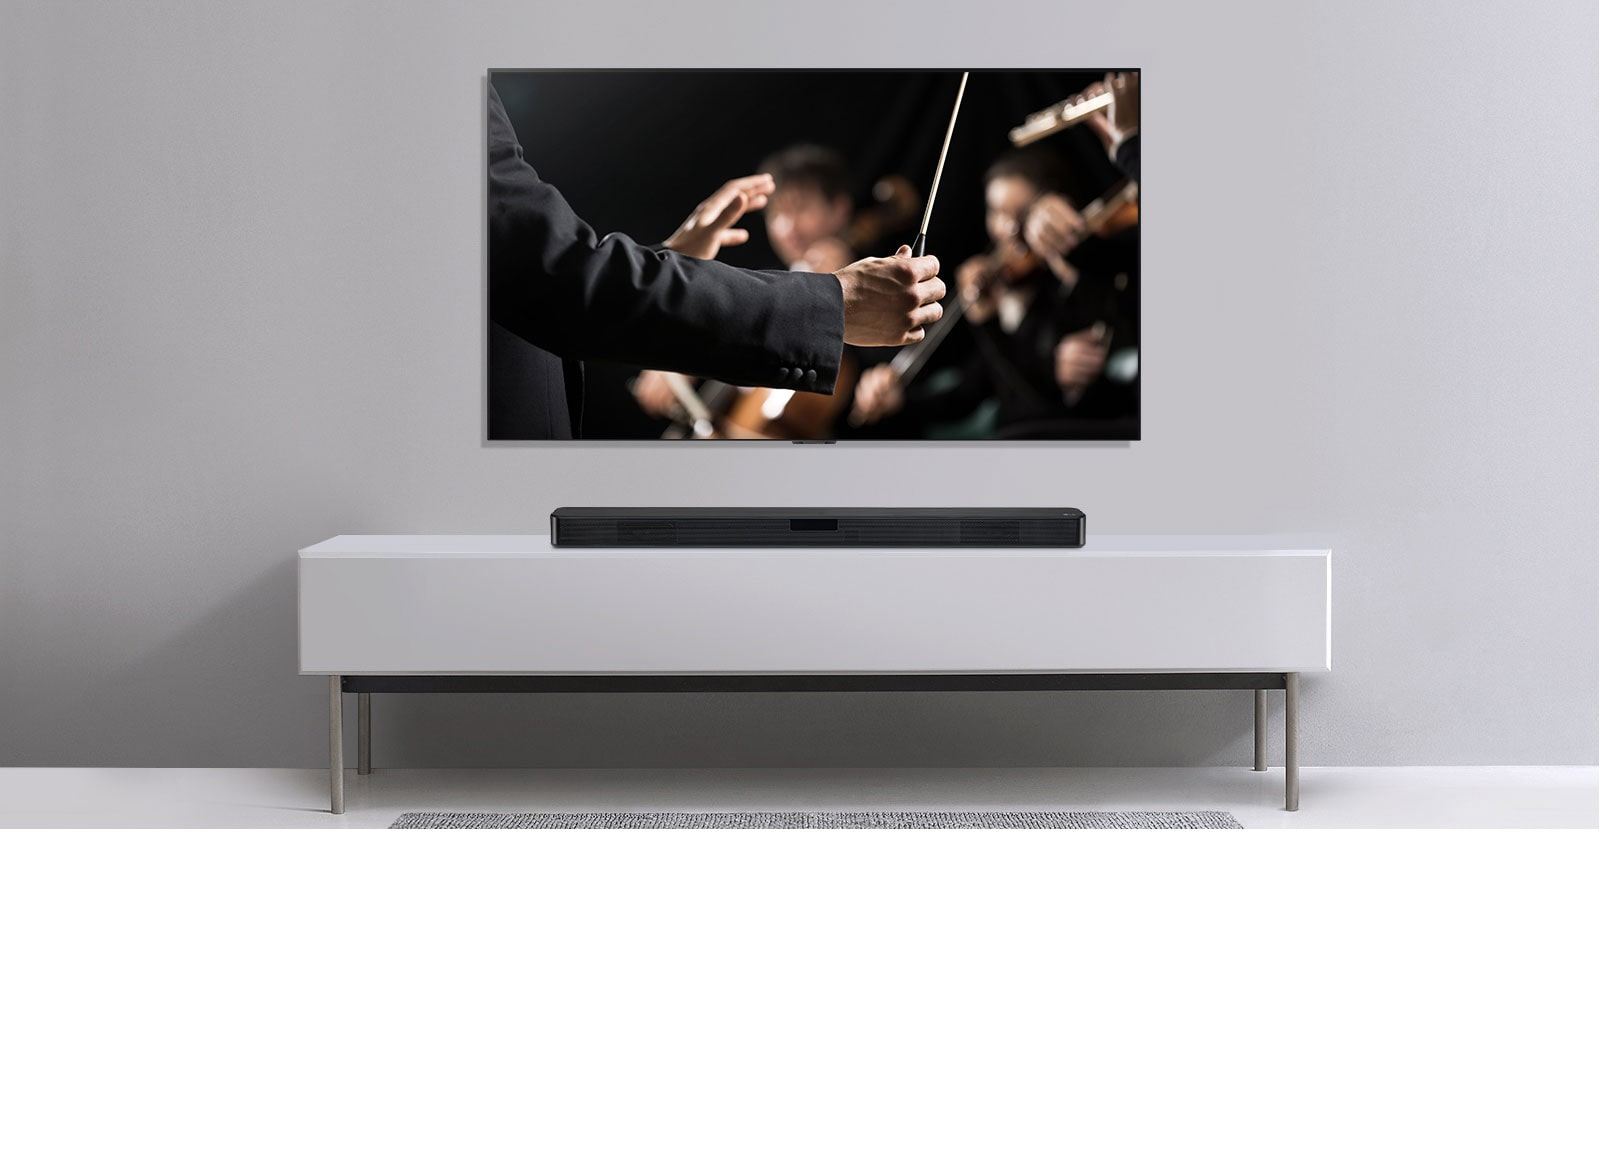 A szürke falon egy TV látható, alatta pedig egy szürke polcon az LG hangprojektor. A TV-n a karmester egy zenekart vezényel.